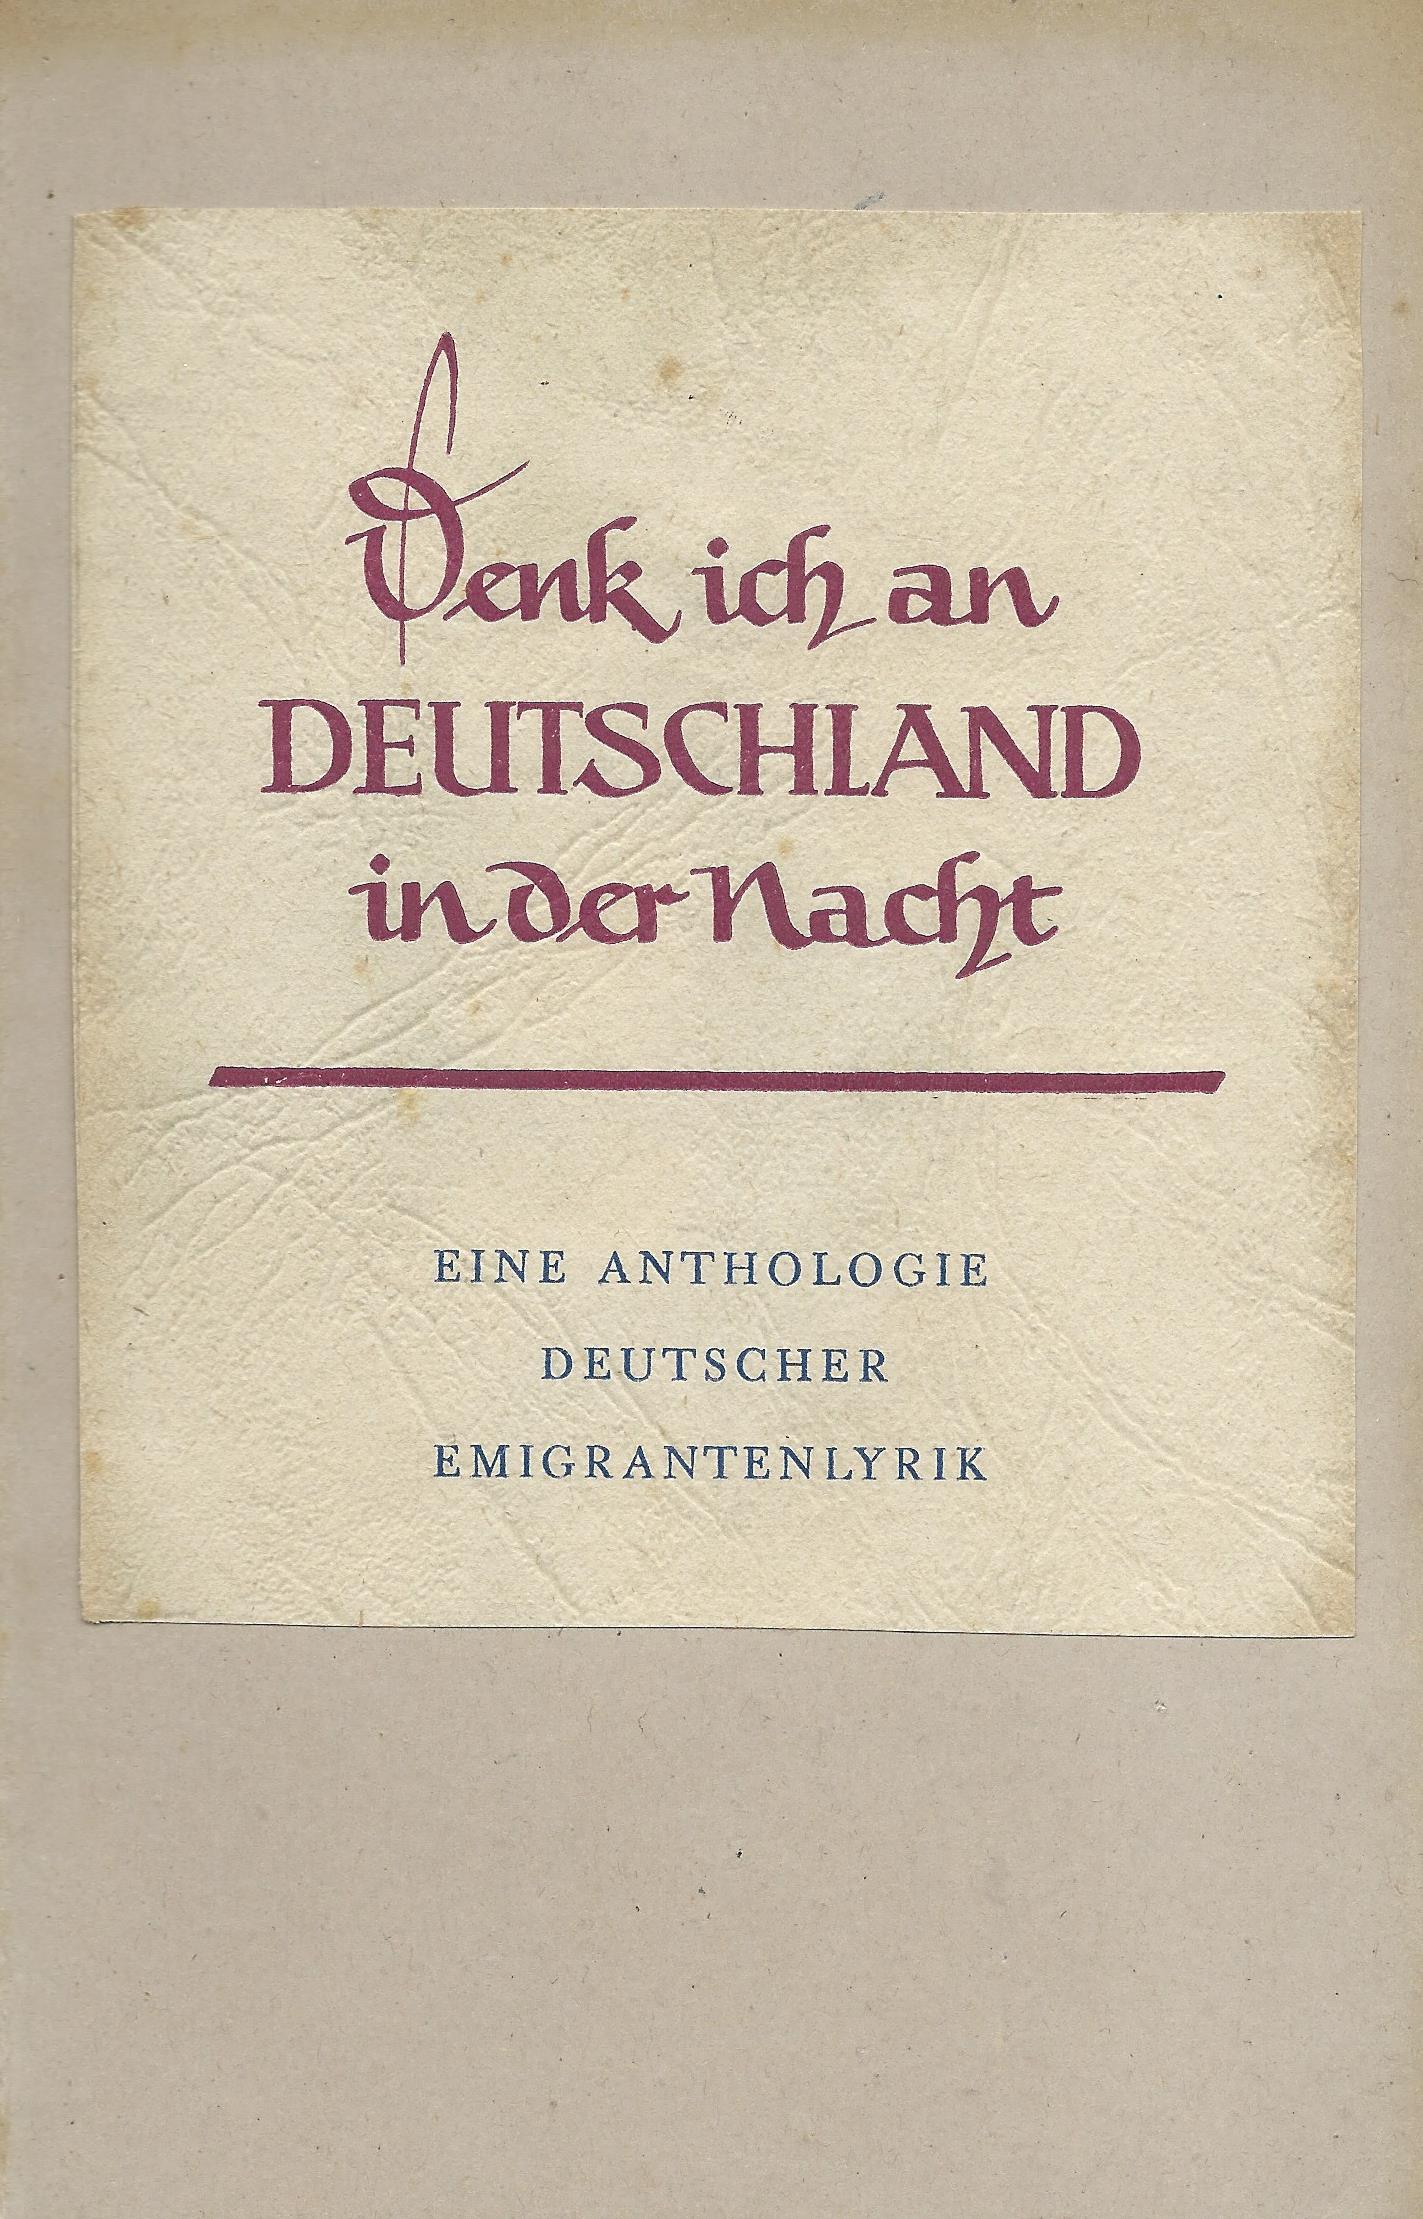 Erich Grisar (Hg.): Denk ich an Deutschland in der Nacht - Eine Anthologie deutscher Emigrantenlyrik